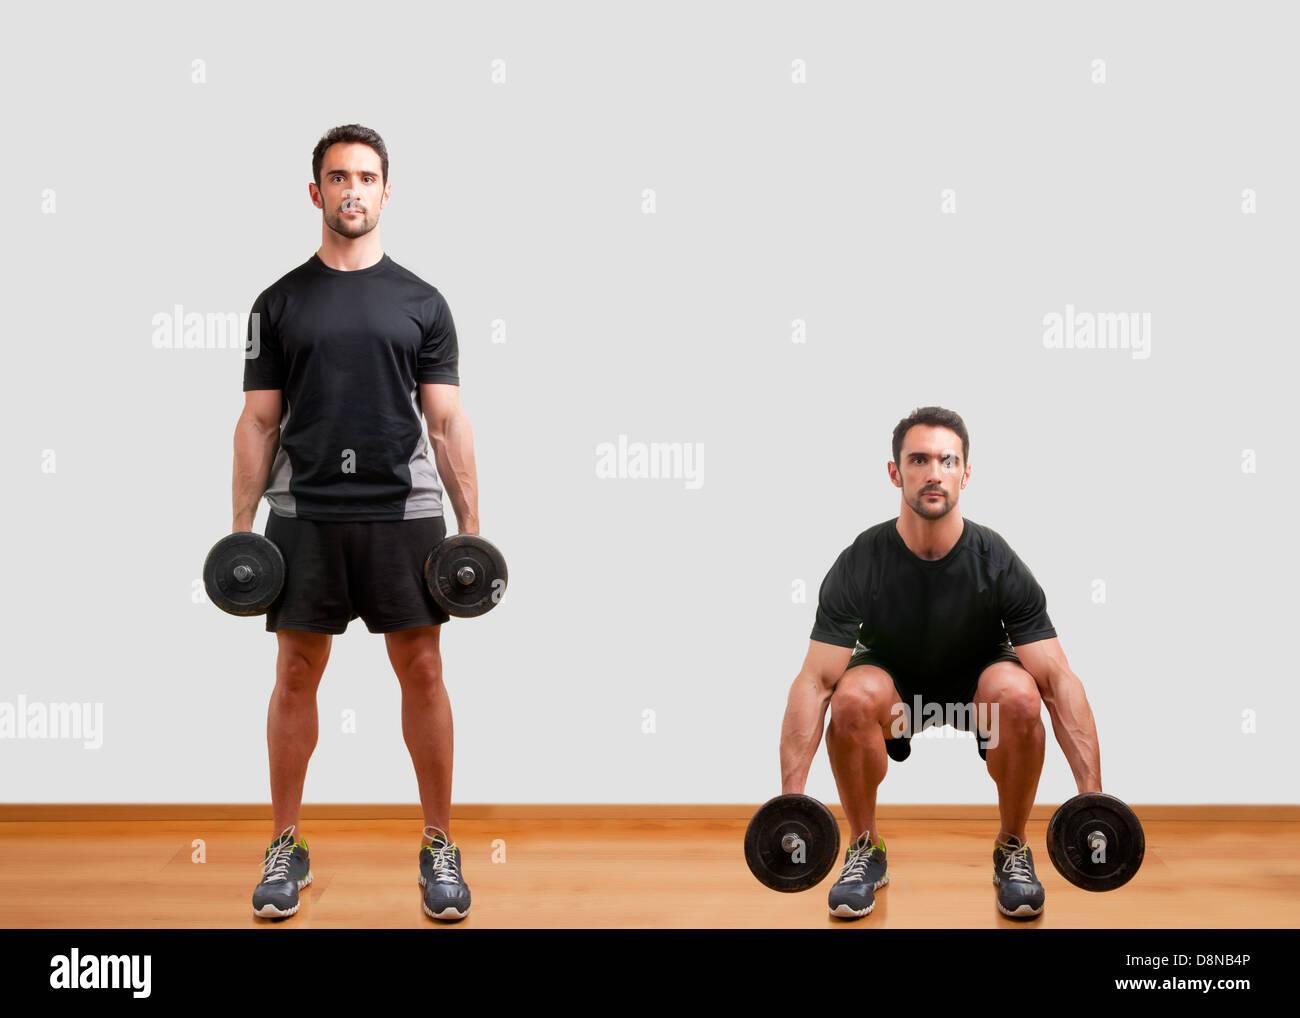 L'entraîneur personnel de formation pour faire squat haltère ses jambes Photo Stock